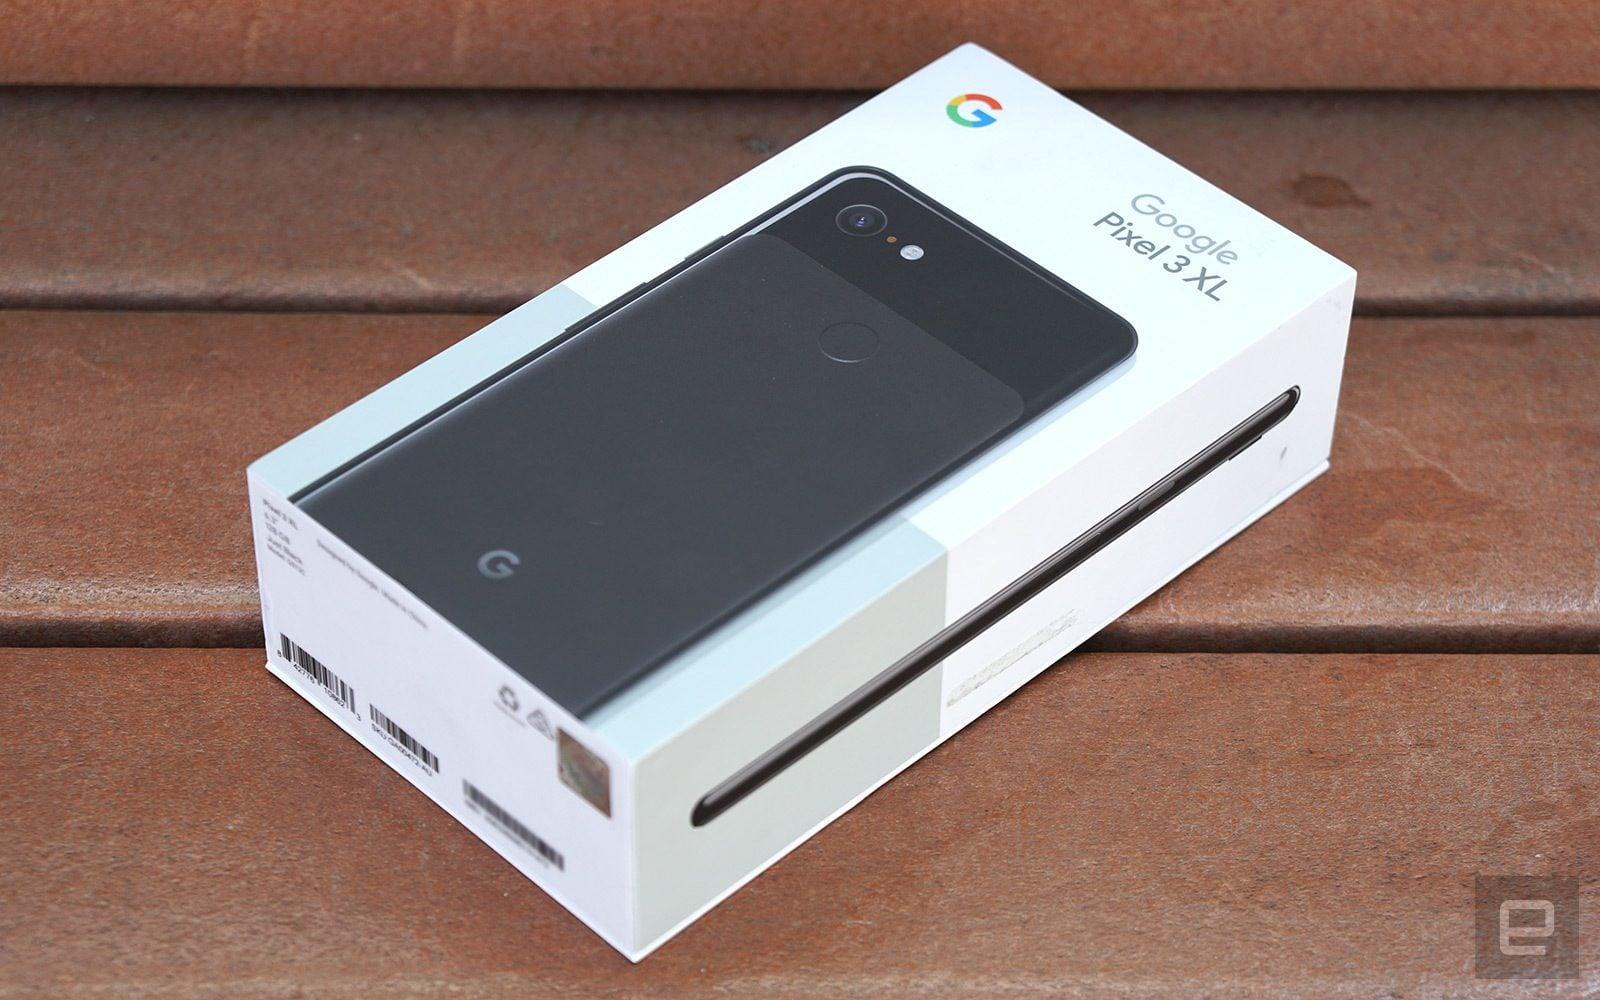 Google Pixel 3 XL - vorbei, bevor es überhaupt losgeht? 7